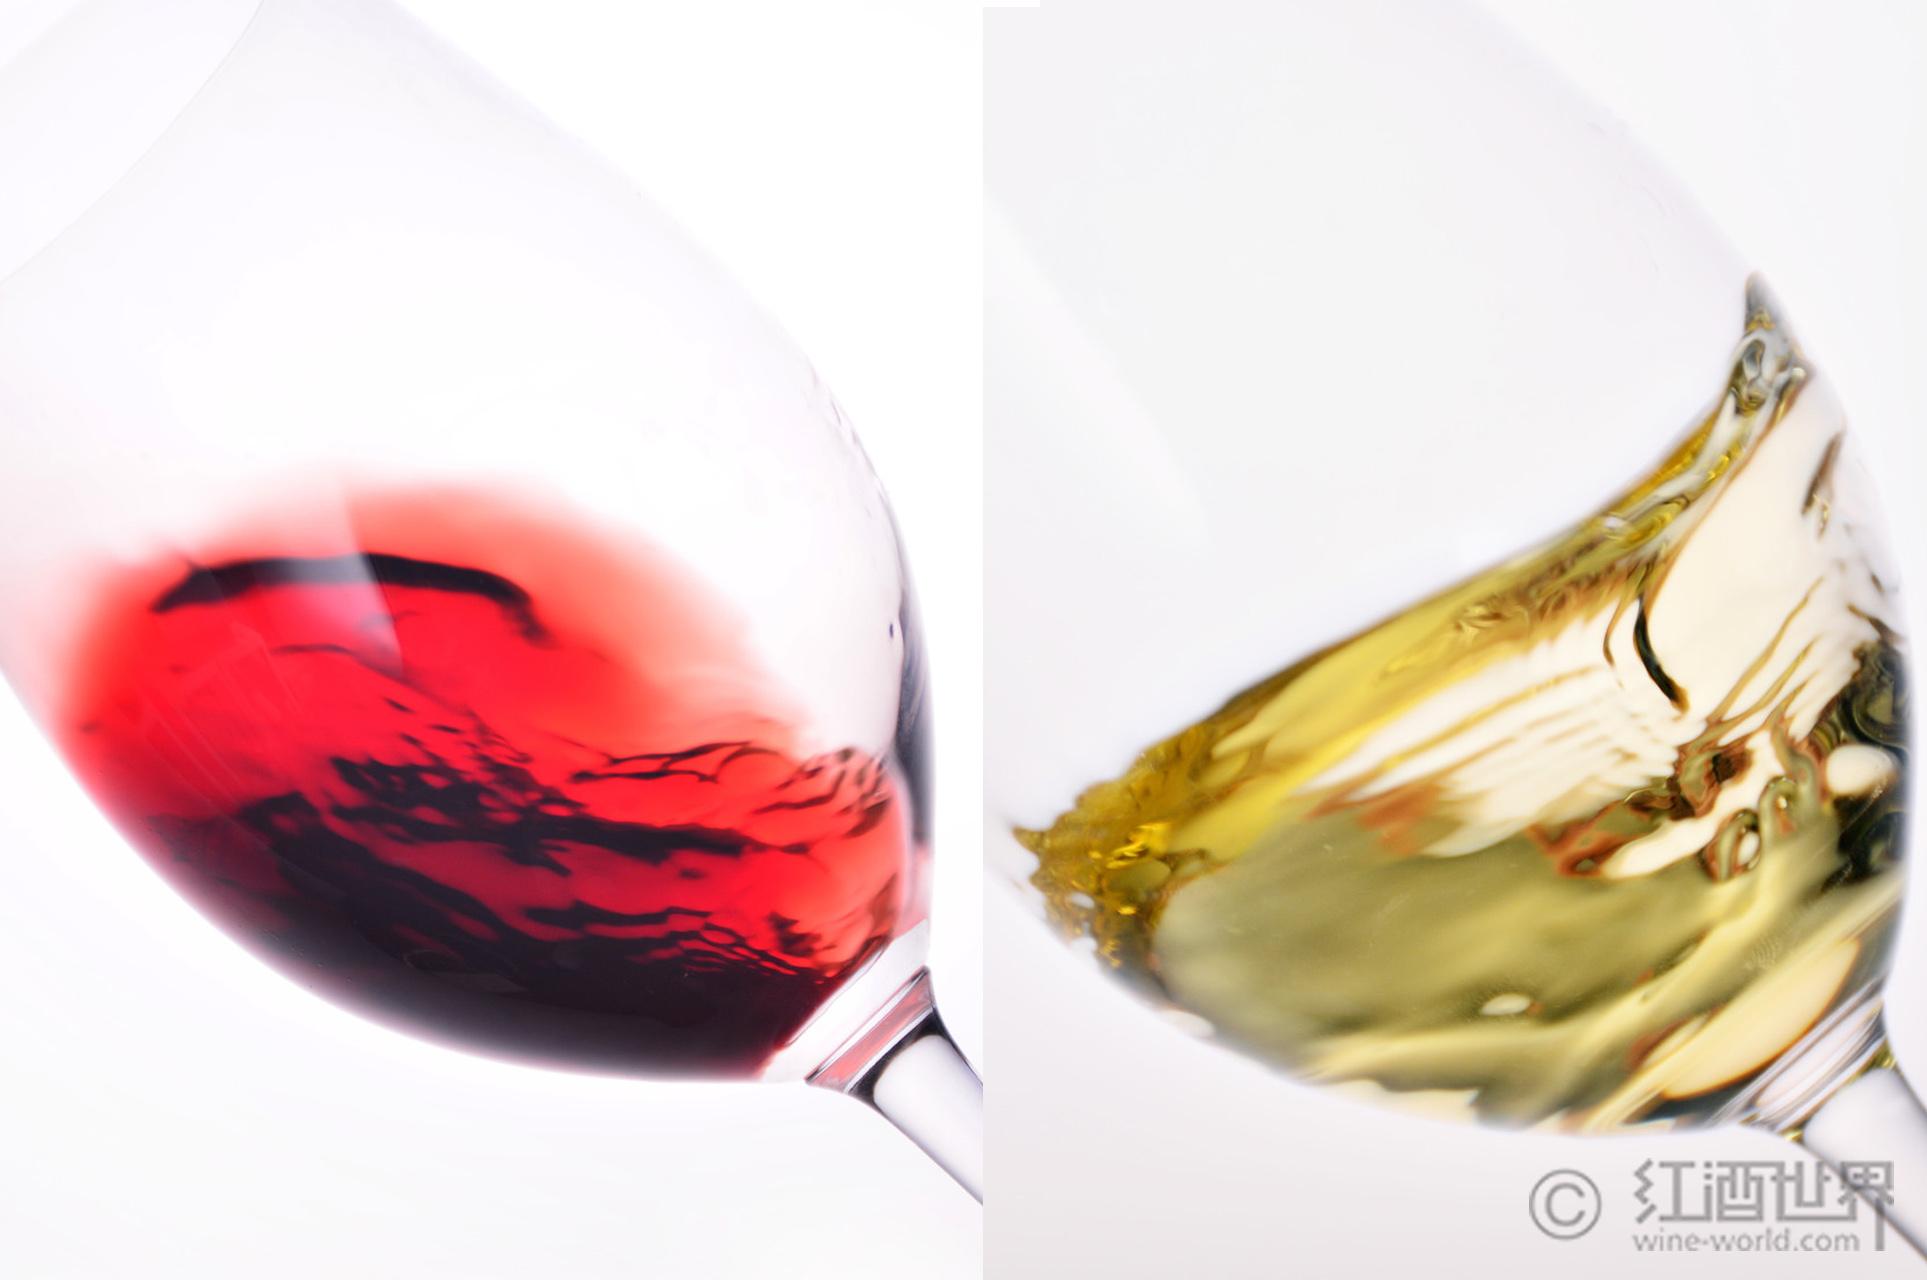 咸味美食可用哪些葡萄酒佐餐